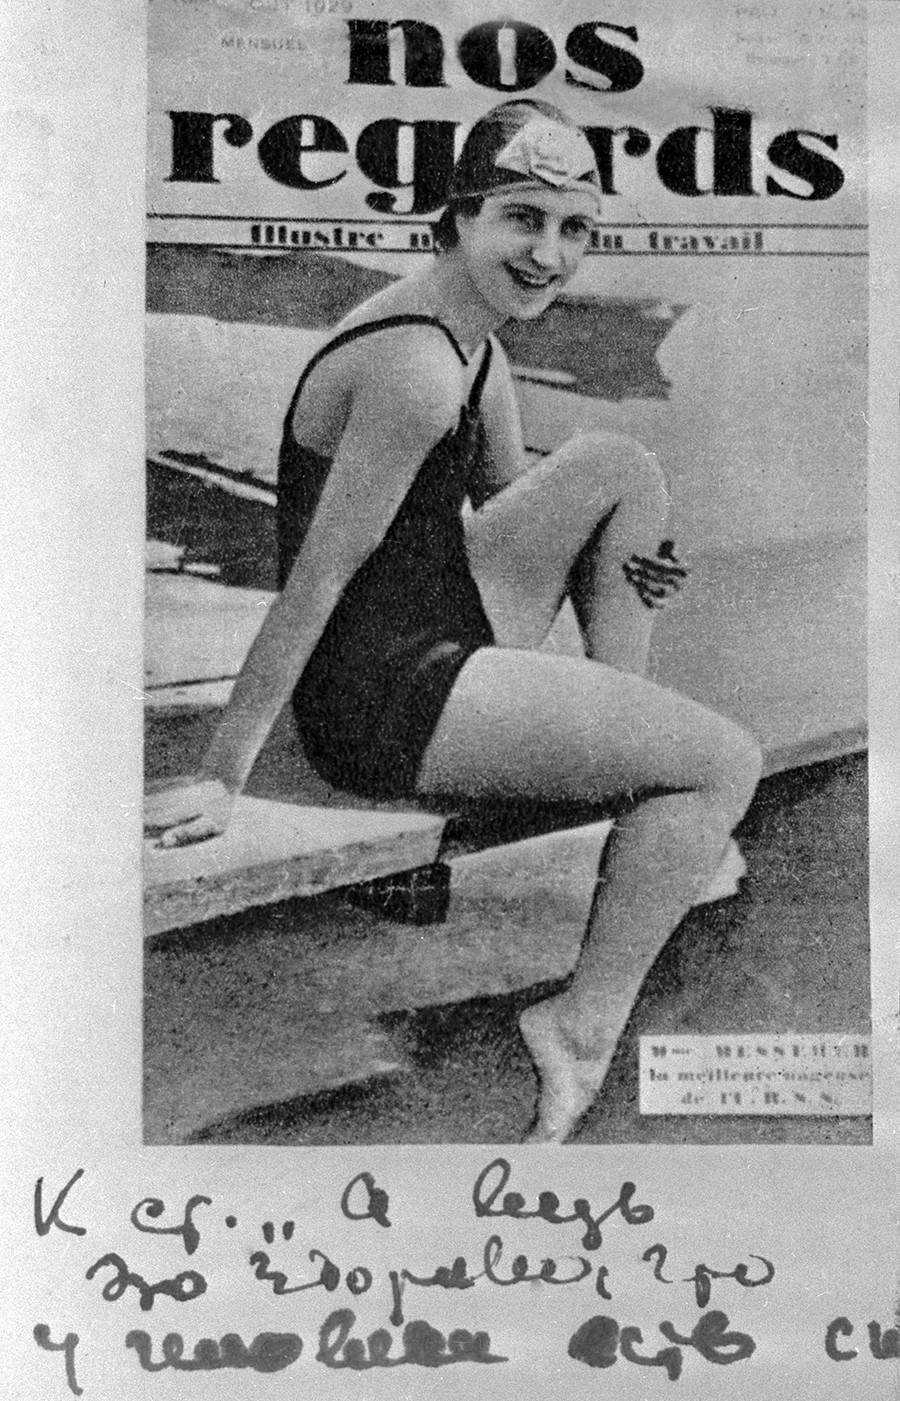 Die Ballerina Sulamith Messerer (1908-2004) beschäftigte sich neben dem Ballett auch mit dem Schwimmen und wurde 1928 bei der  Spartakiade doppelte Meisterin.  Messerer auf dem Titelblatt der Zeitschrift